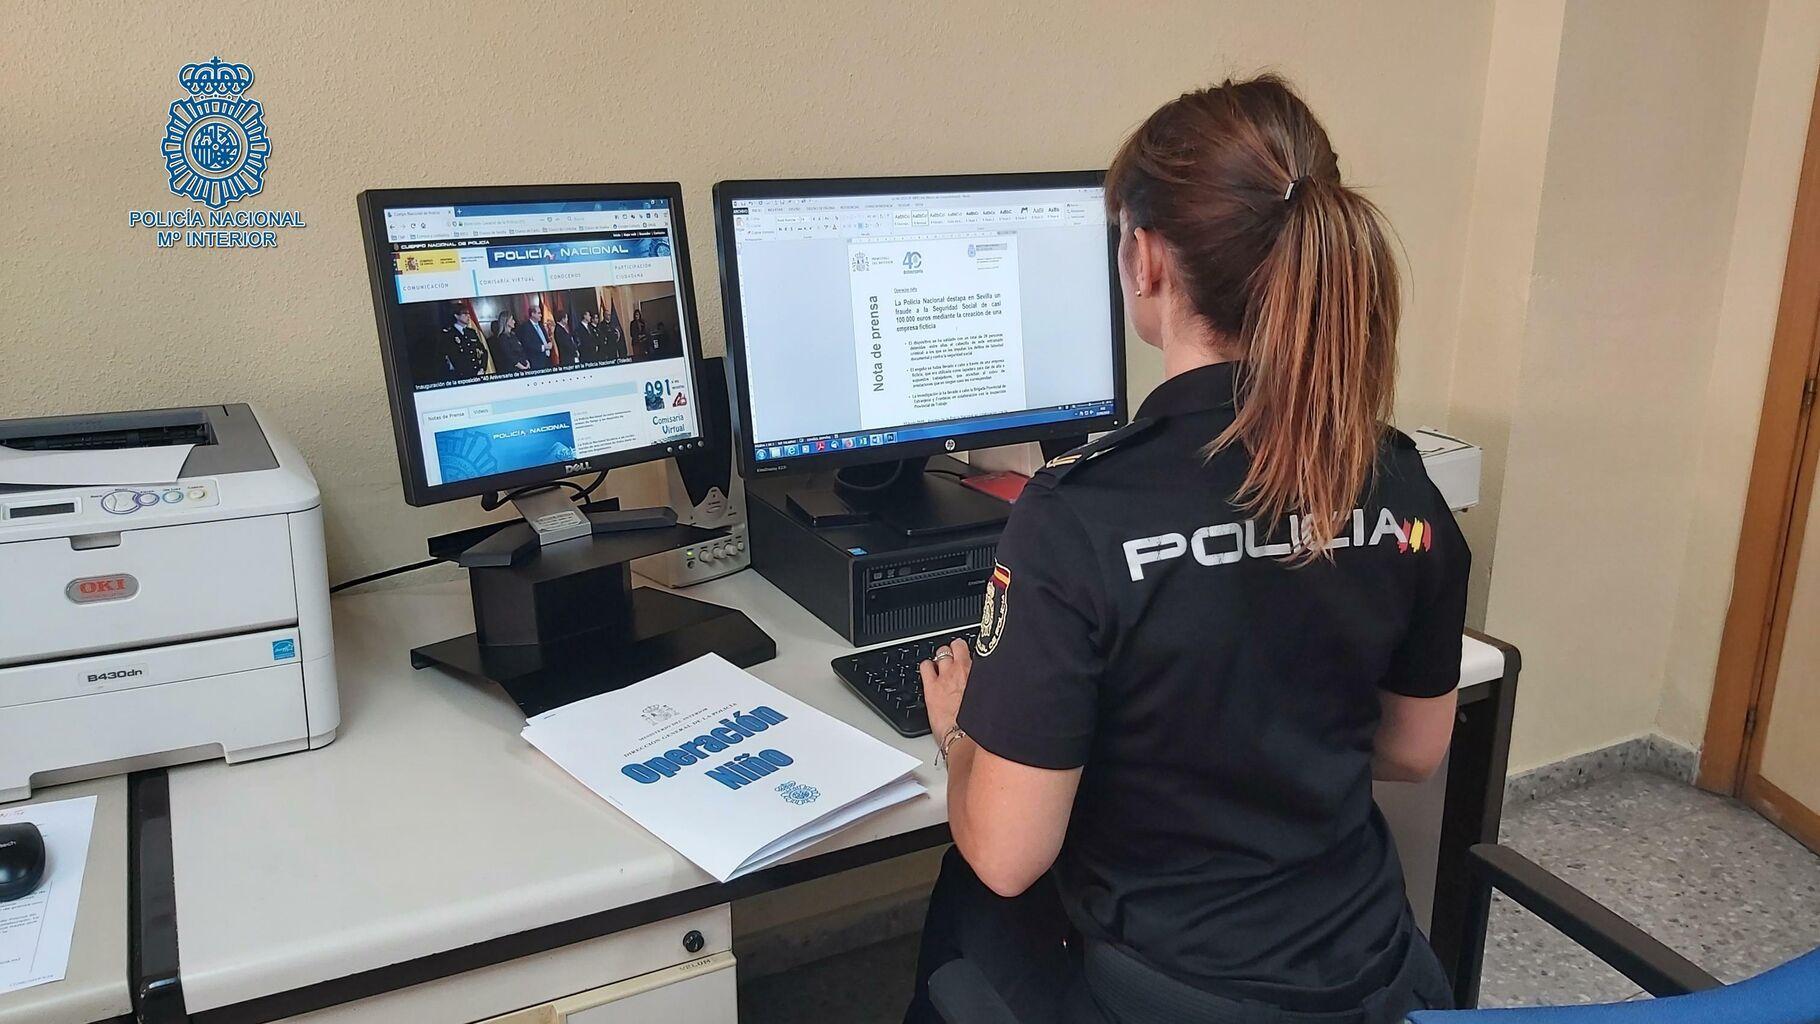 209 Policías En Prácticas Llegan A La Provincia Para